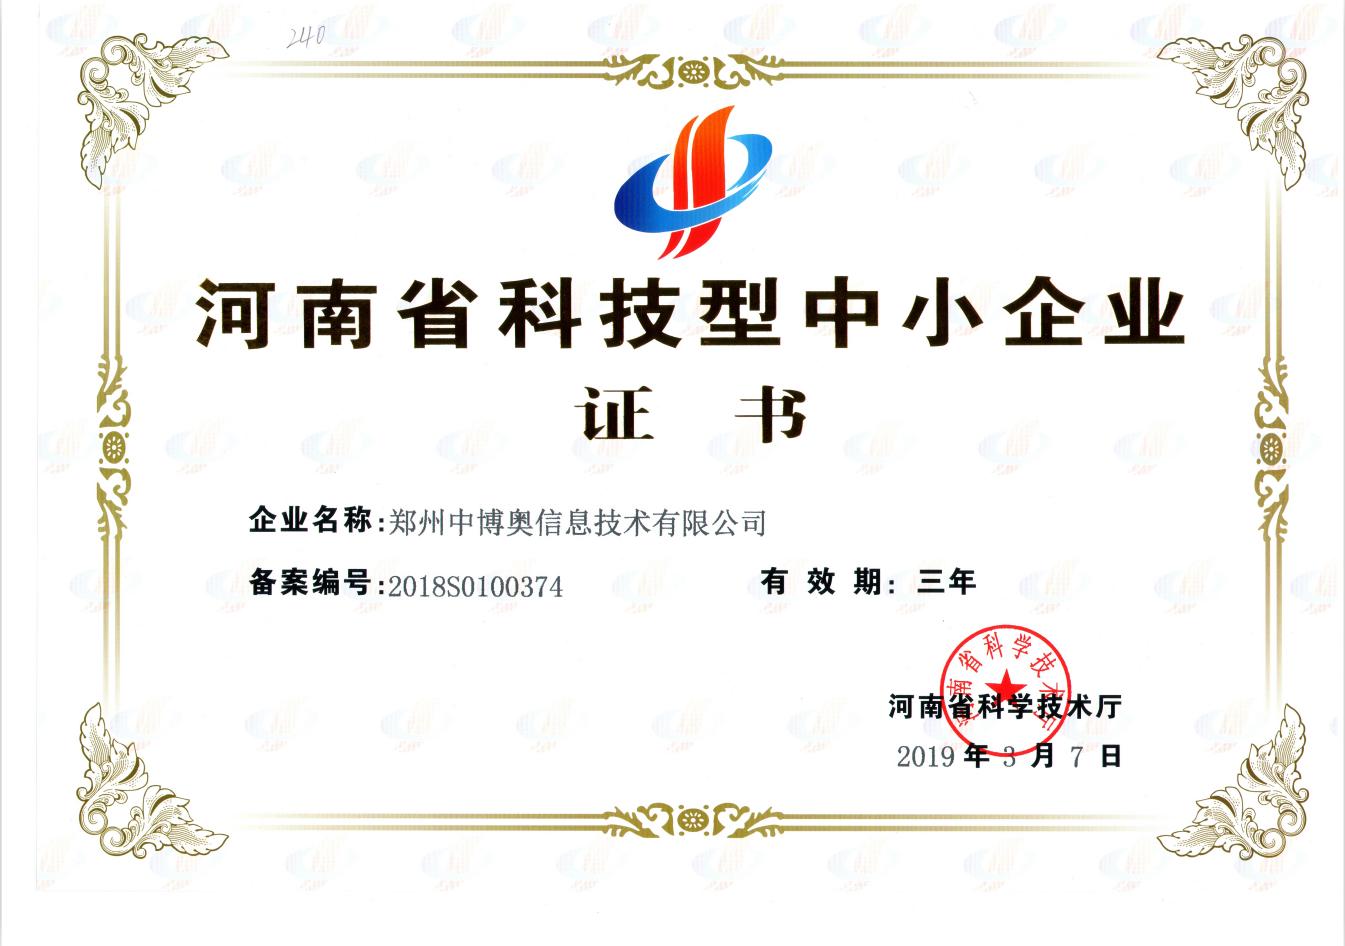 热烈祝贺郑州中博奥信息技术有限公司再次荣获河南省科技型中小企业证书!